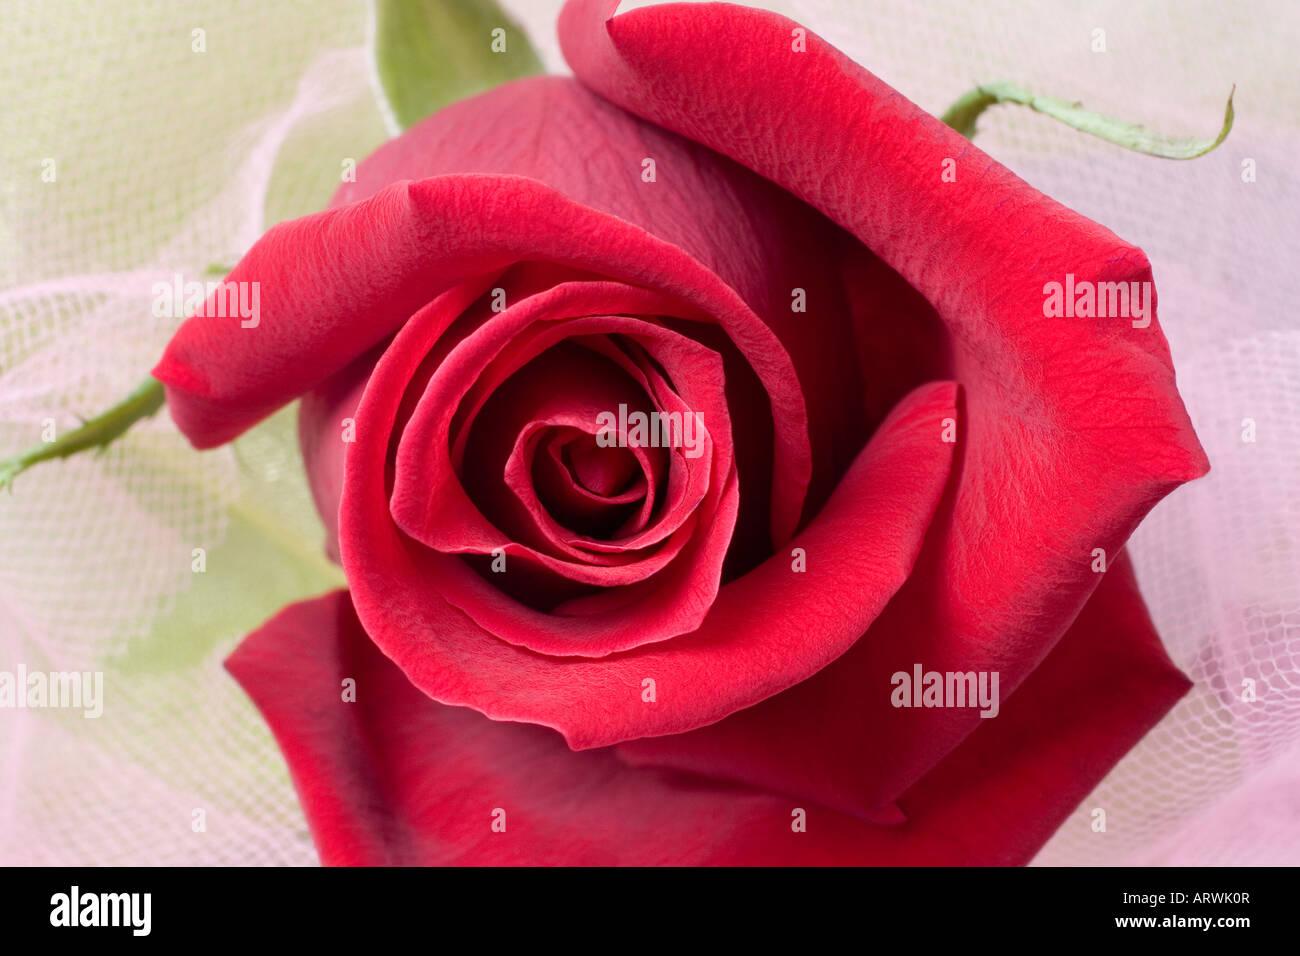 La Rose A Ete Associee Avec La Beaute Et L Amour Depuis Les Temps